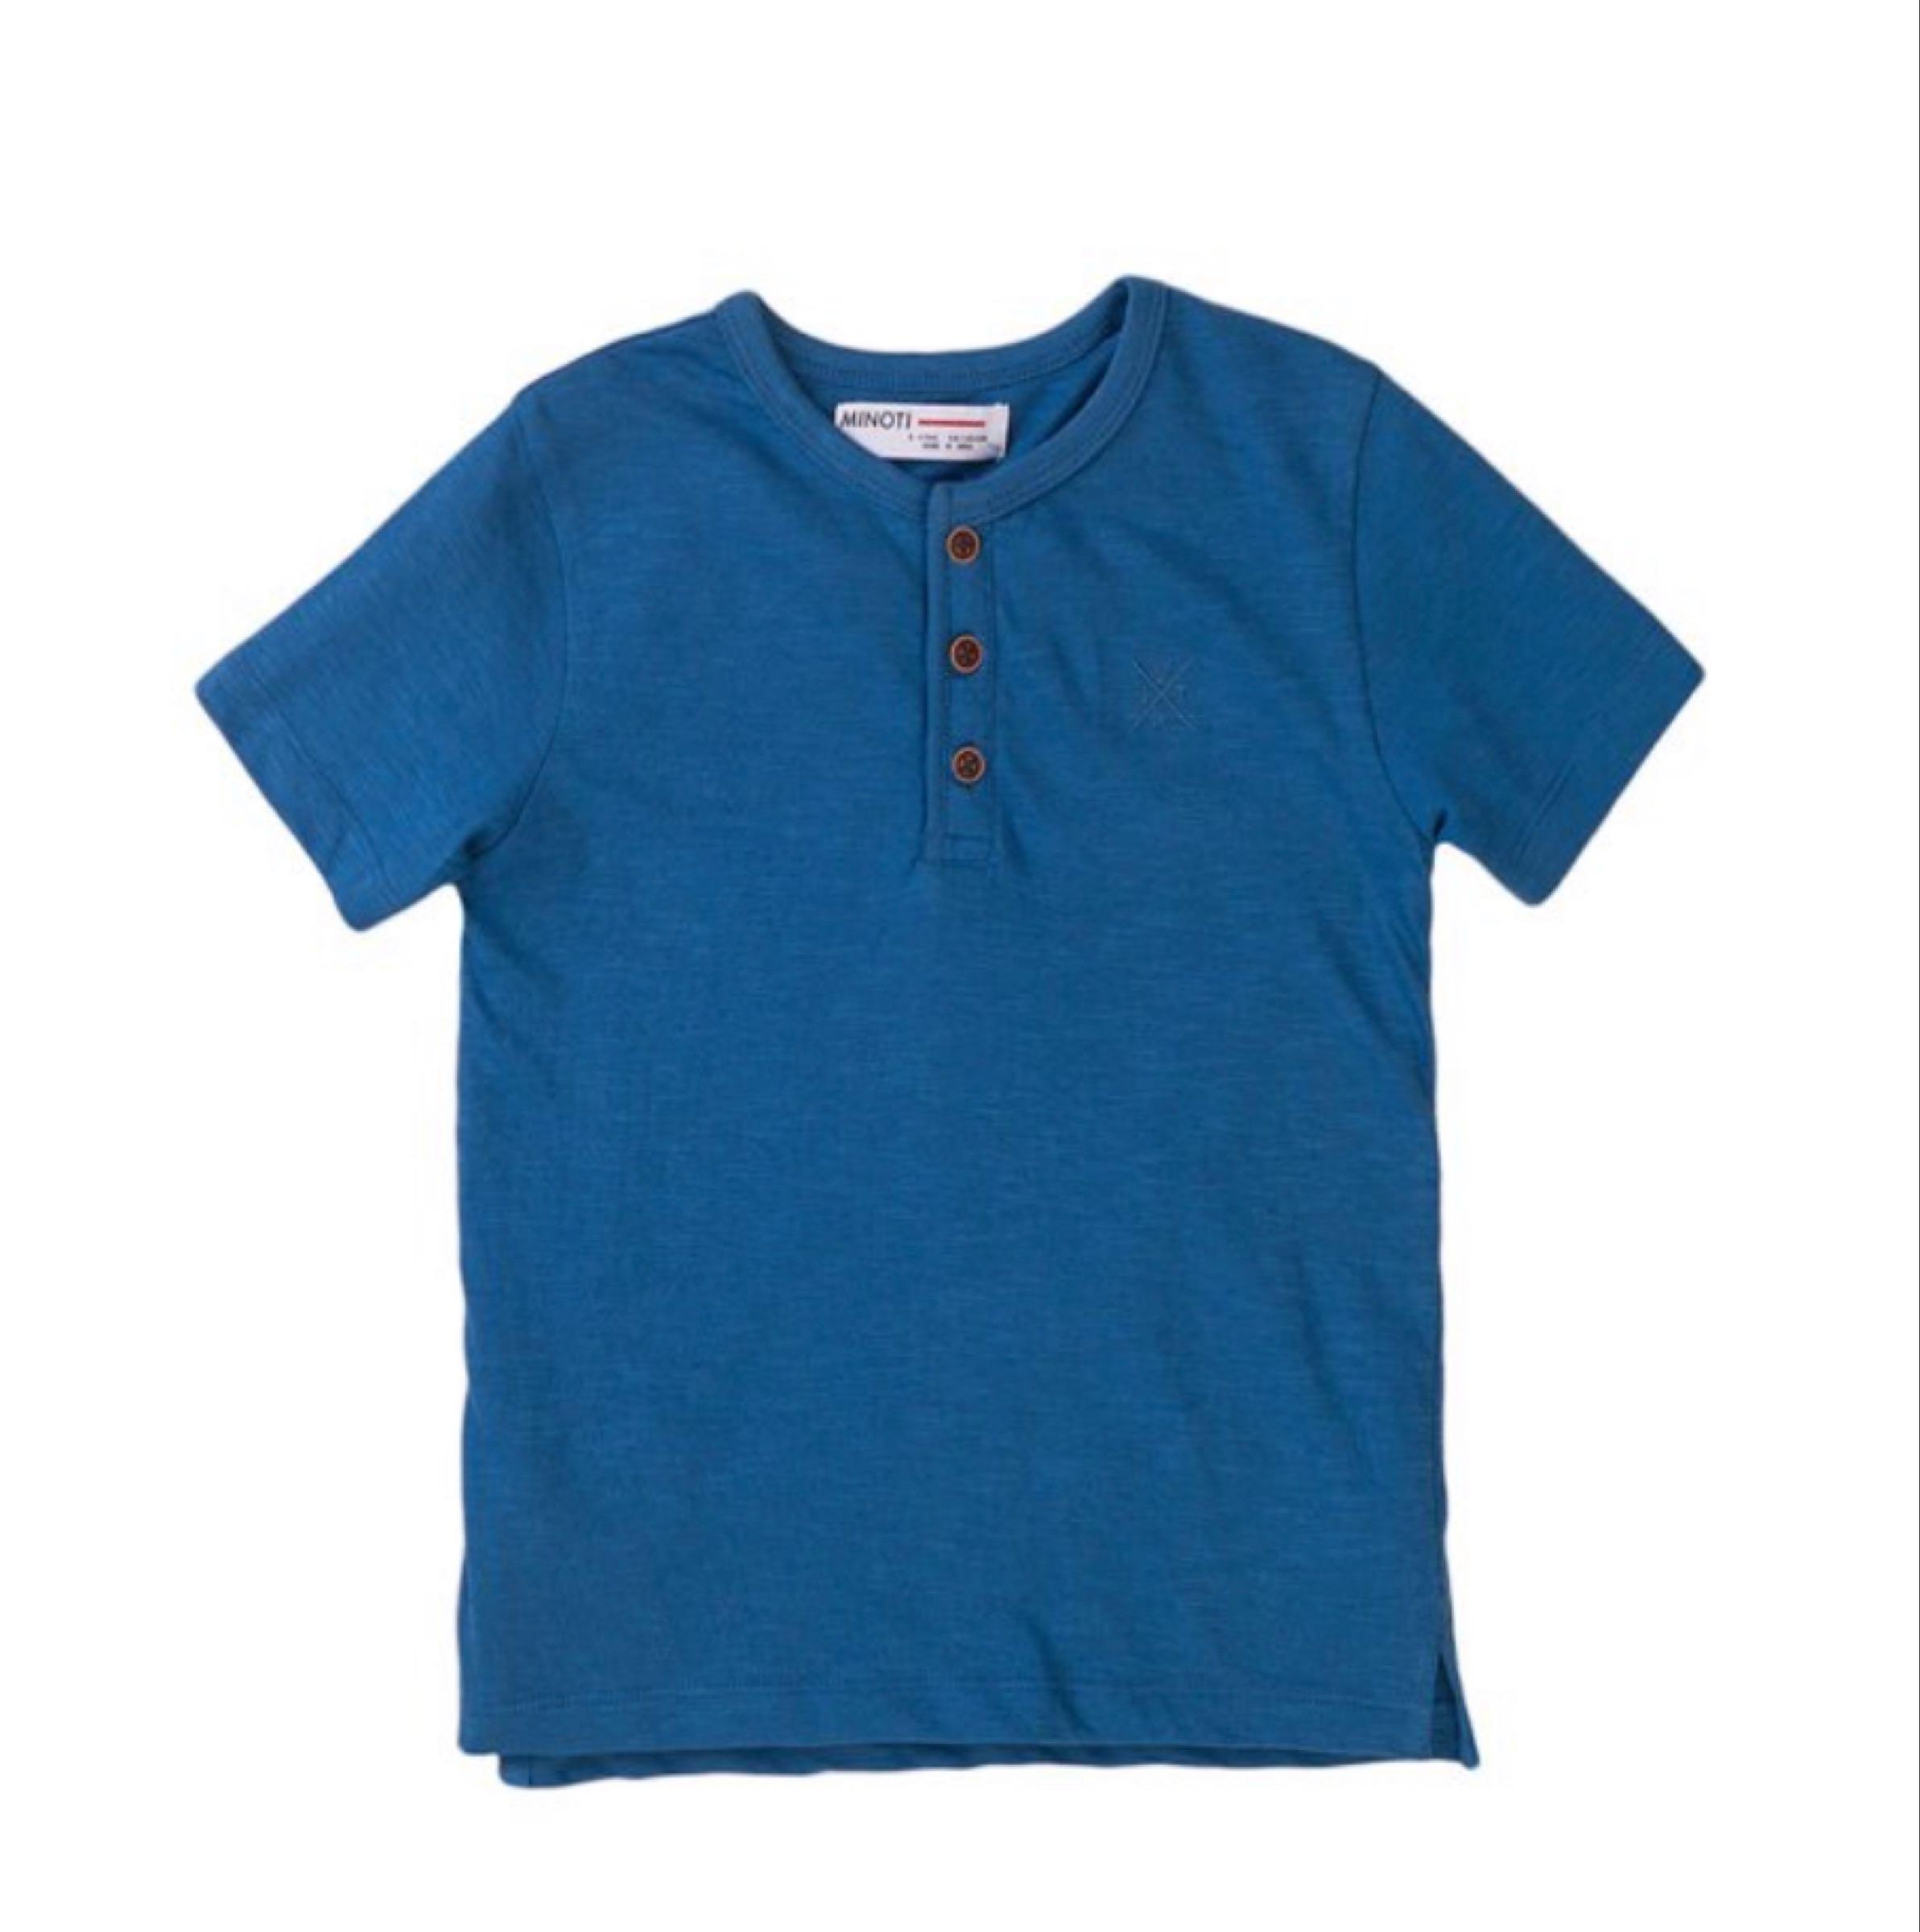 Boys blue Henley top